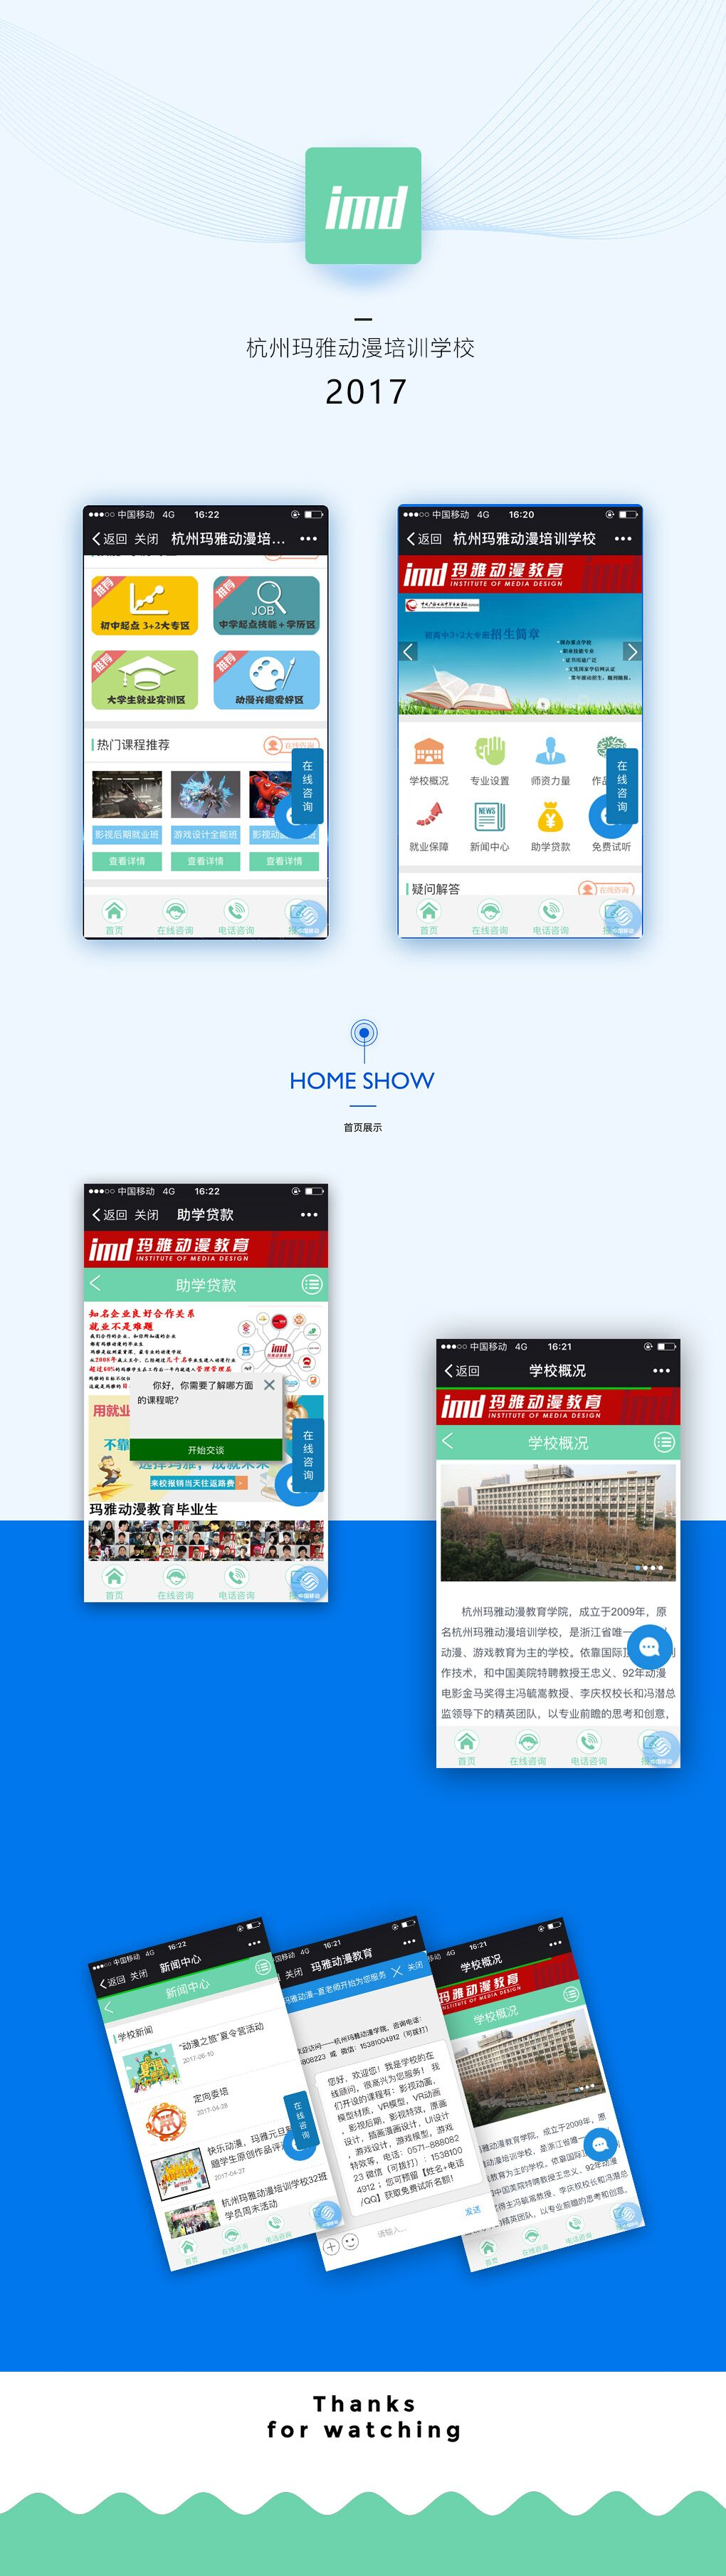 杭州玛雅动漫培训学校-杭州盘网微信公众号作品